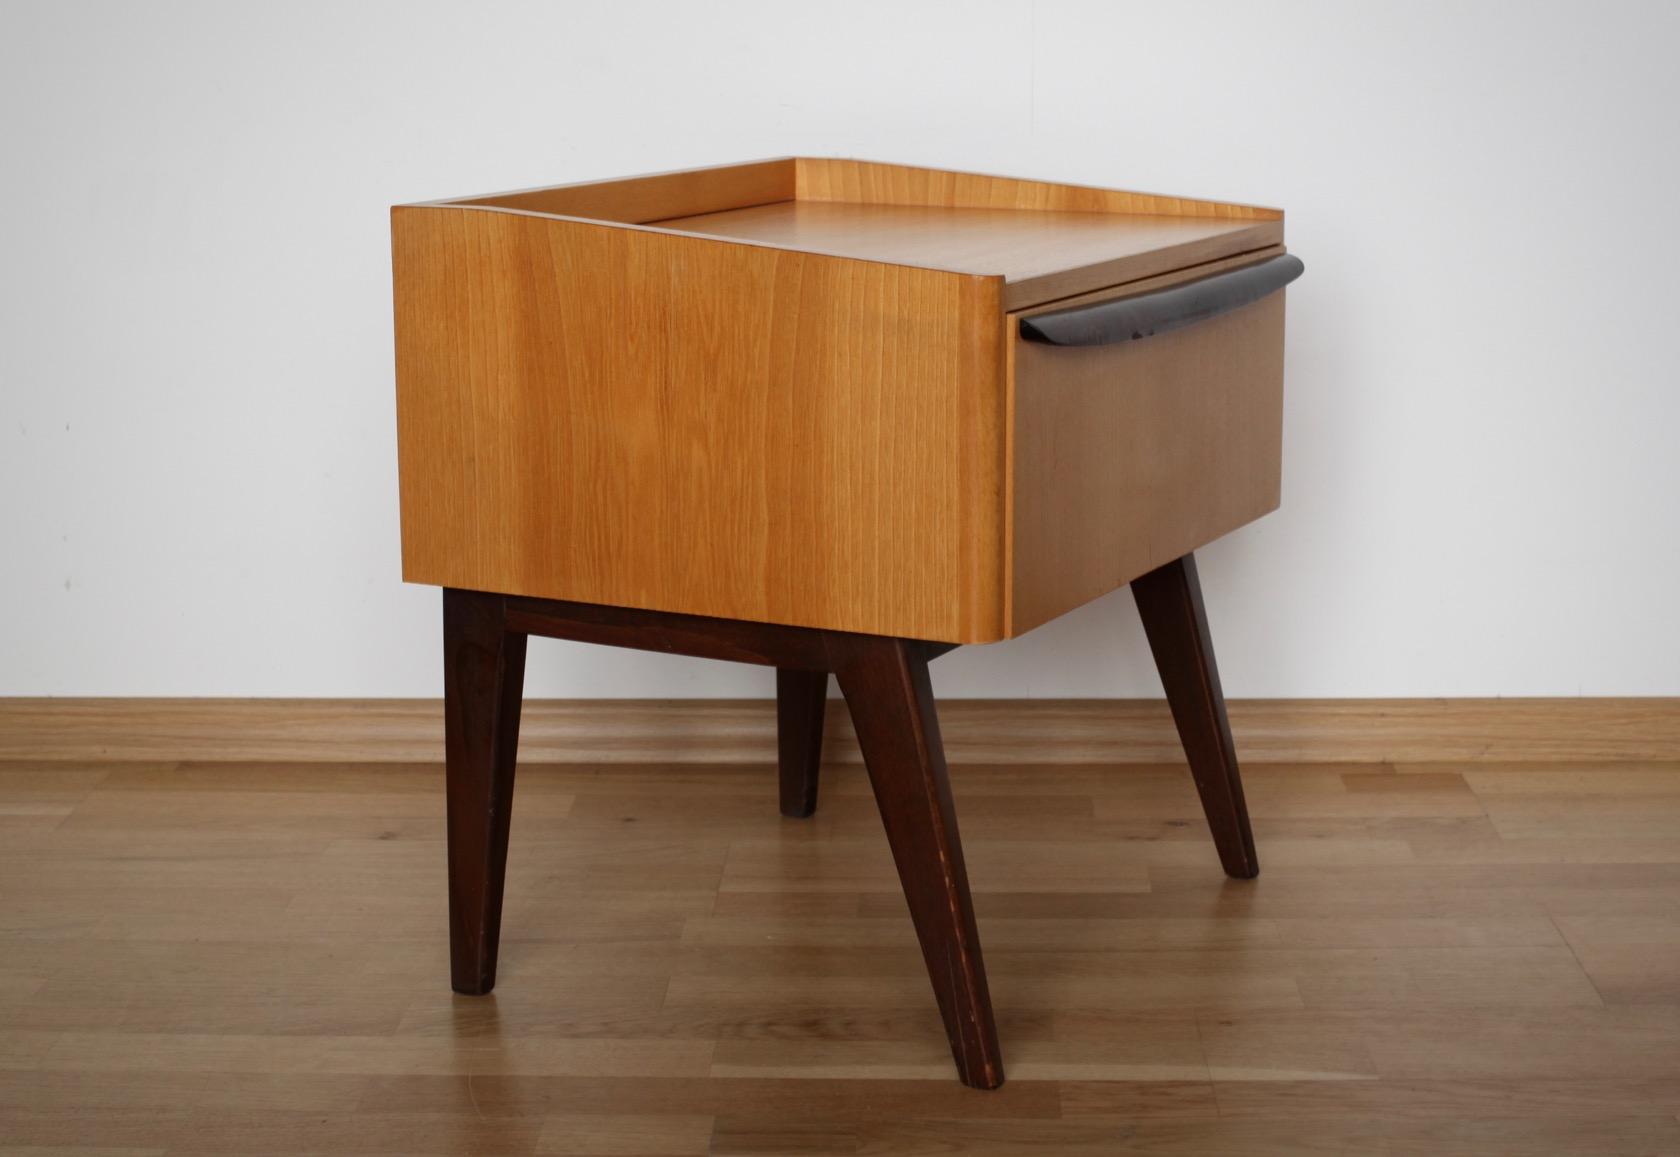 zwei nachtk stchen aus den 50er jahren raumwunder vintage wohnen in n rnberg. Black Bedroom Furniture Sets. Home Design Ideas